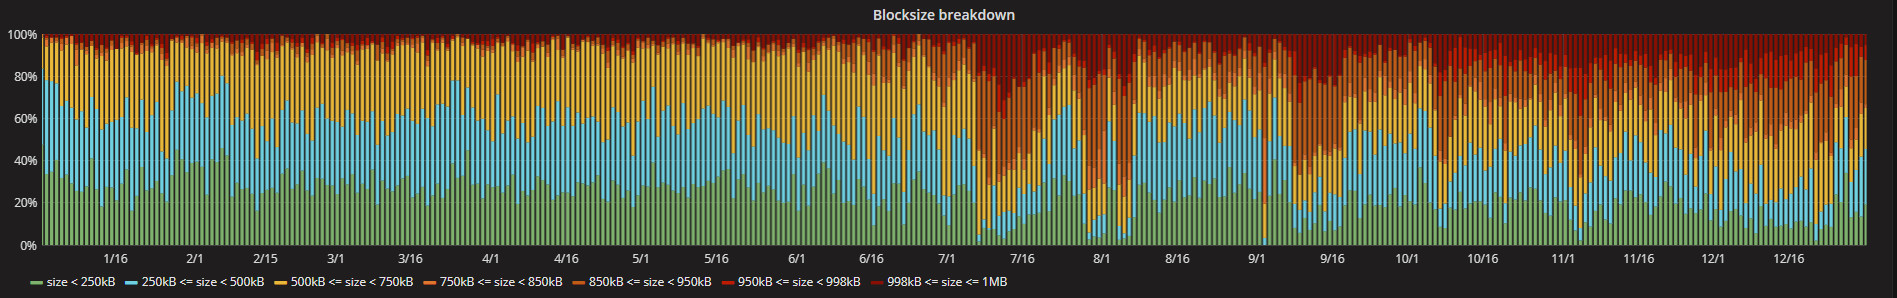 2019-04-28 11_13_19-Wielkość bloku sieci Bitcoin